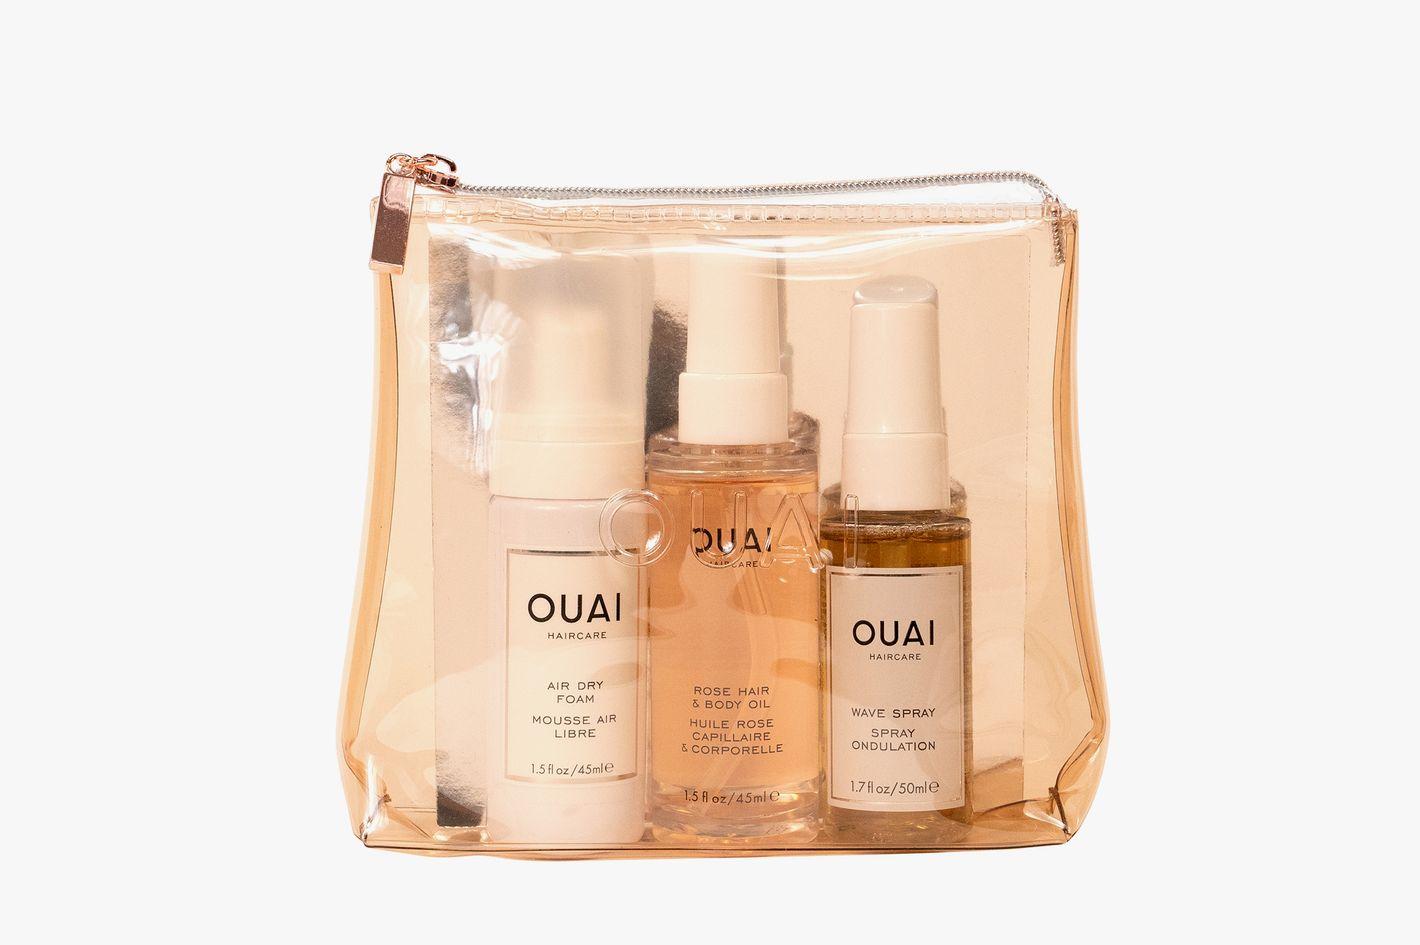 The Ouai Travel Kit